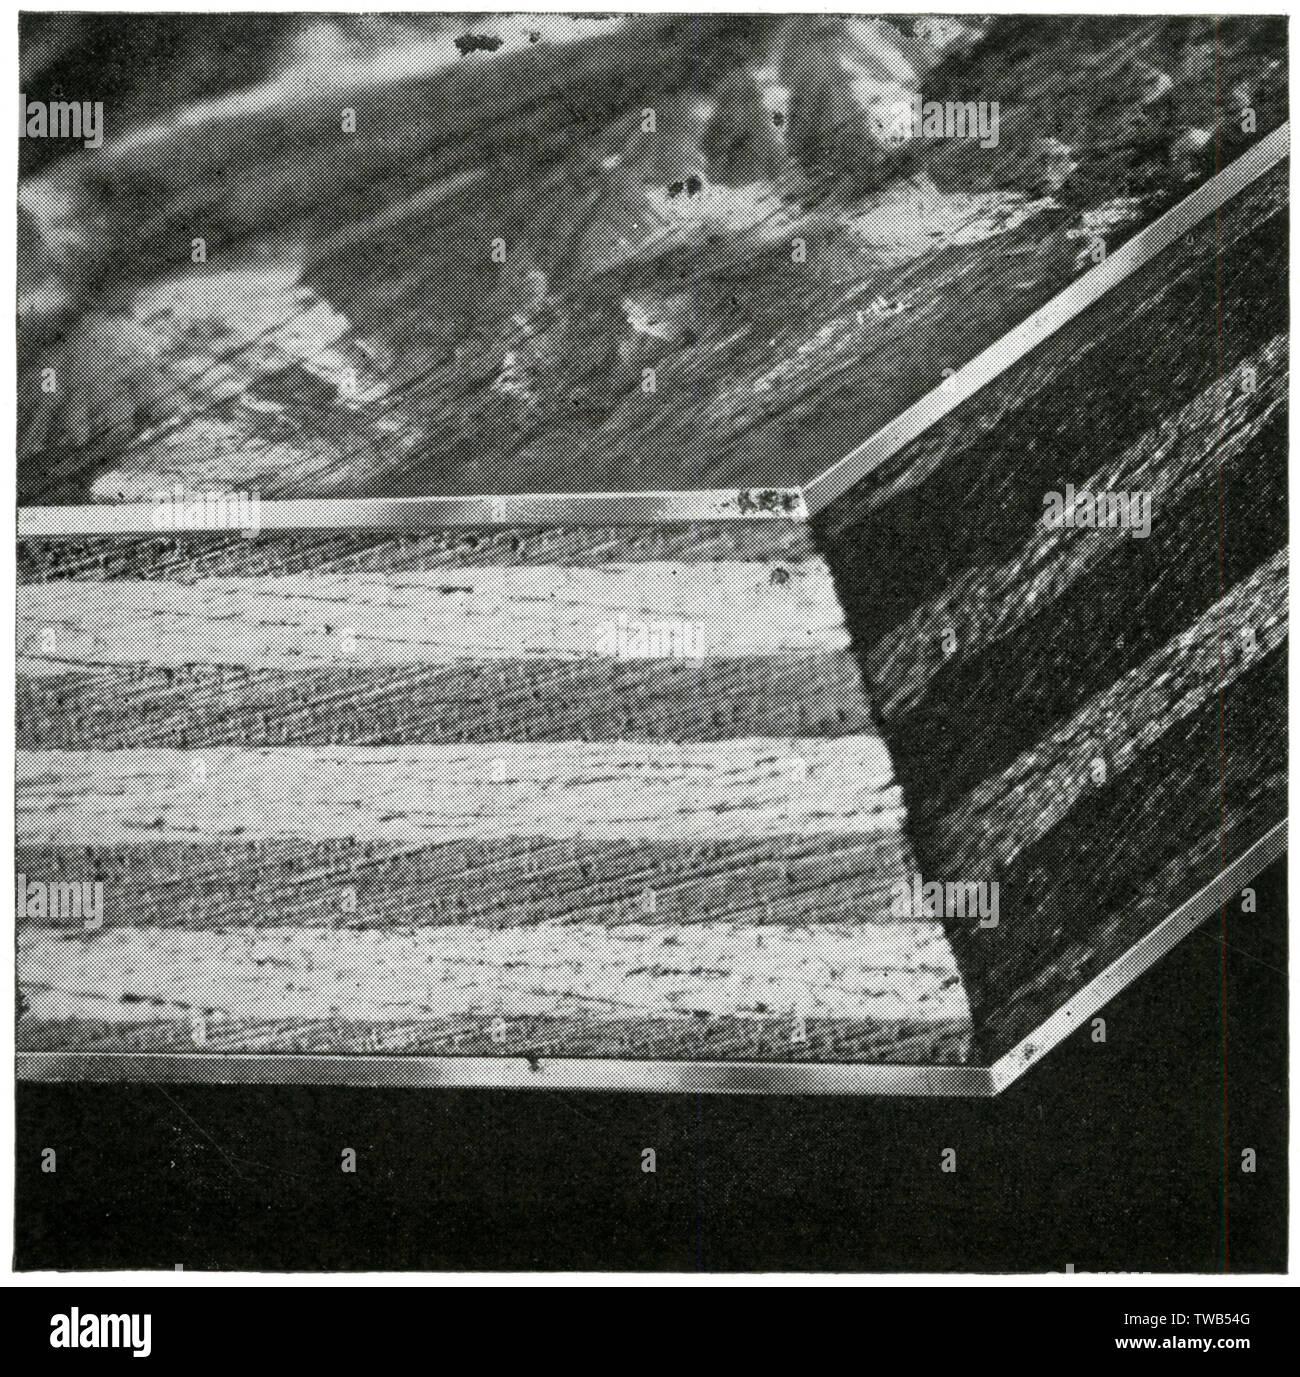 Foto von einem Plymax Querschnitt, eine Sperrholzplatte trademarked durch Venesta begrenzt. Die Platten sind auf der einen Seite oder auf beiden Seiten mit Metallblechen abgedeckt. Die Metall verzinkt oder Edelstahl, Stahl, Kupfer, Aluminium oder Bronze. Eine unlösliche Zement wird verwendet, um die Bleche an den Vorstand zu beheben. Datum: 1936 Stockfoto